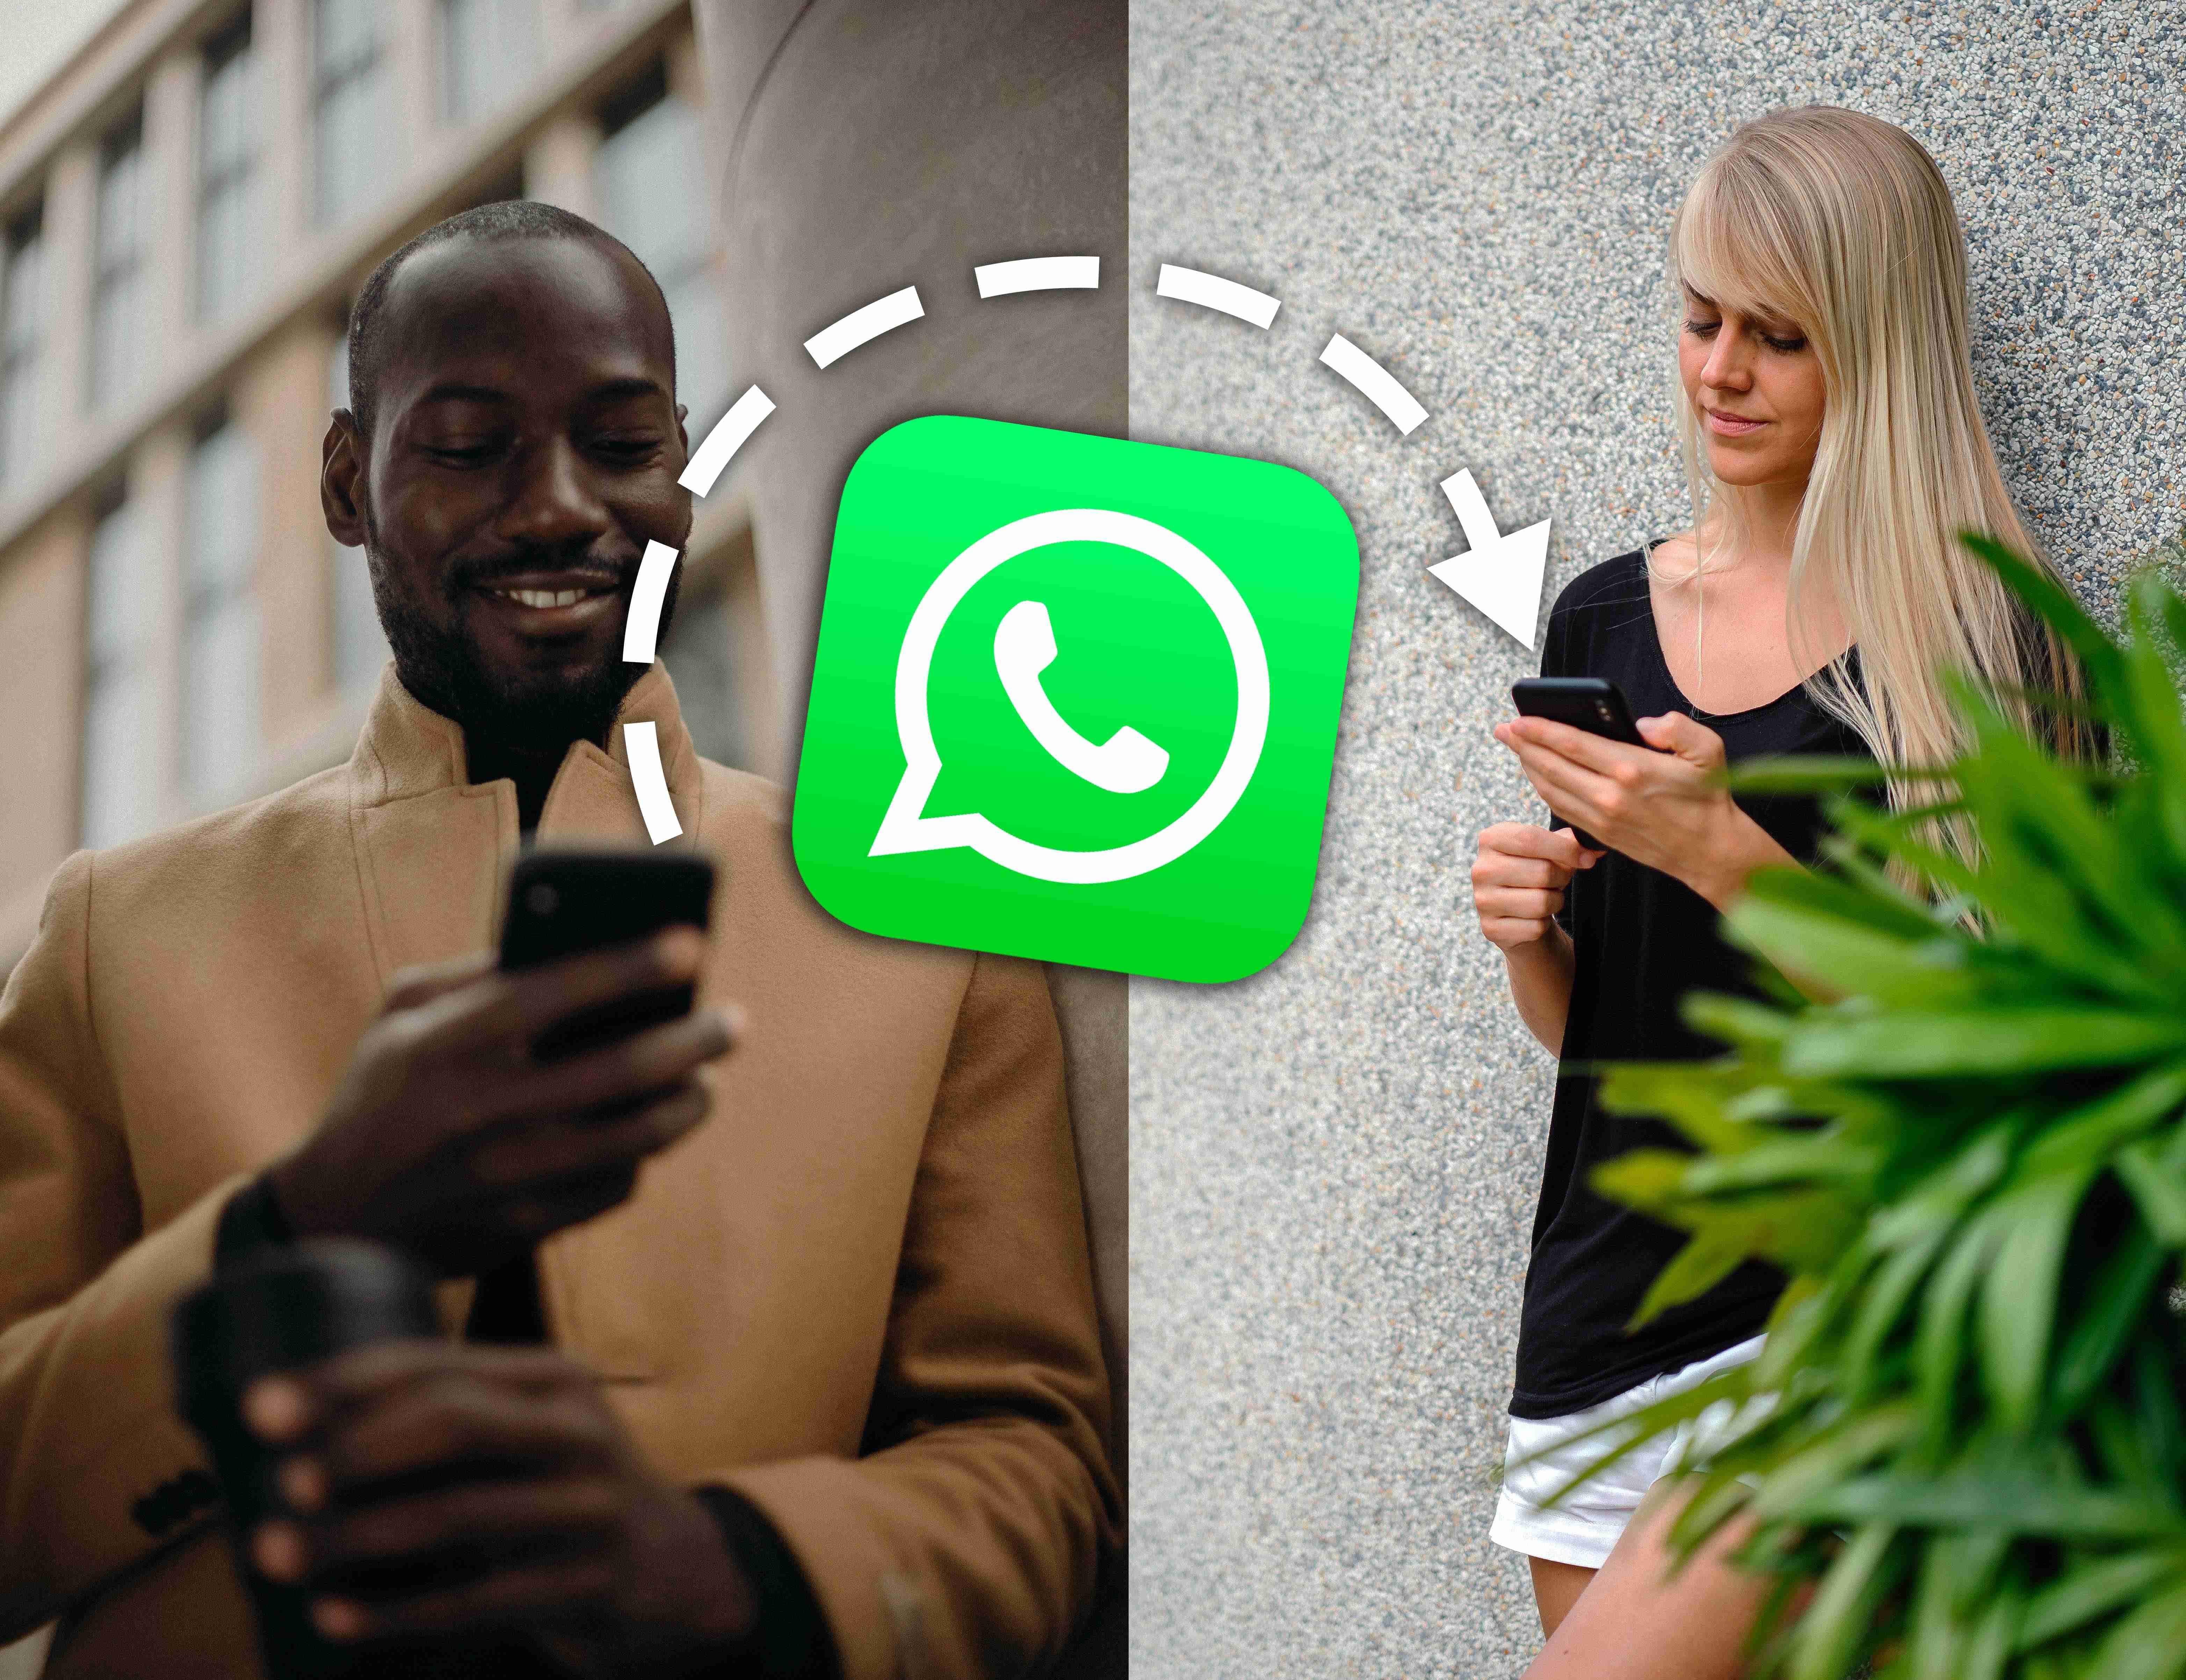 צוות textHer הולך להראות לך איך להתחיל עם בחורה בוואטסאפ (כולל דוגמאות וידאו), ליצור דרכו קשרים חדשים, לתחזק קשרים קיימים ולהחיות מחדש כאלו שהתמוססו.